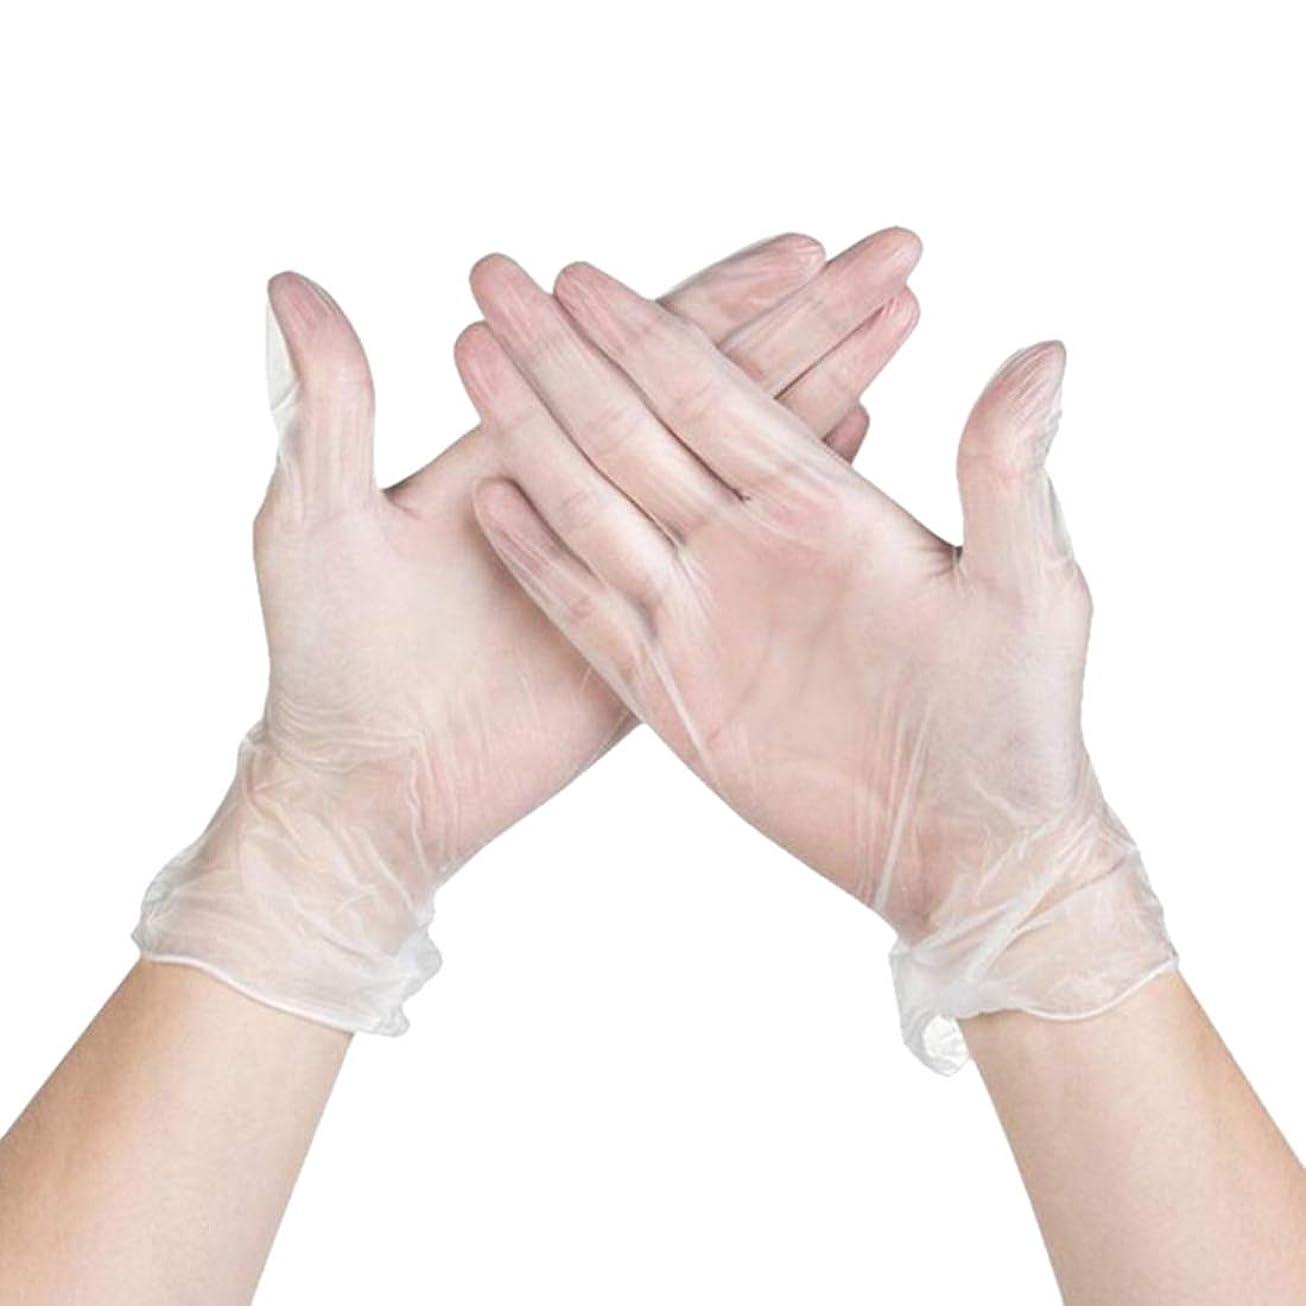 試す葉っぱ海峡ひもYuena Care 使い捨て手袋 100枚入 透明 ポリエチレン 左右兼用 薄型 PVC手袋 耐油 料理 掃除 衛生 ホワイト 実用 医療 美容 科学実験 M